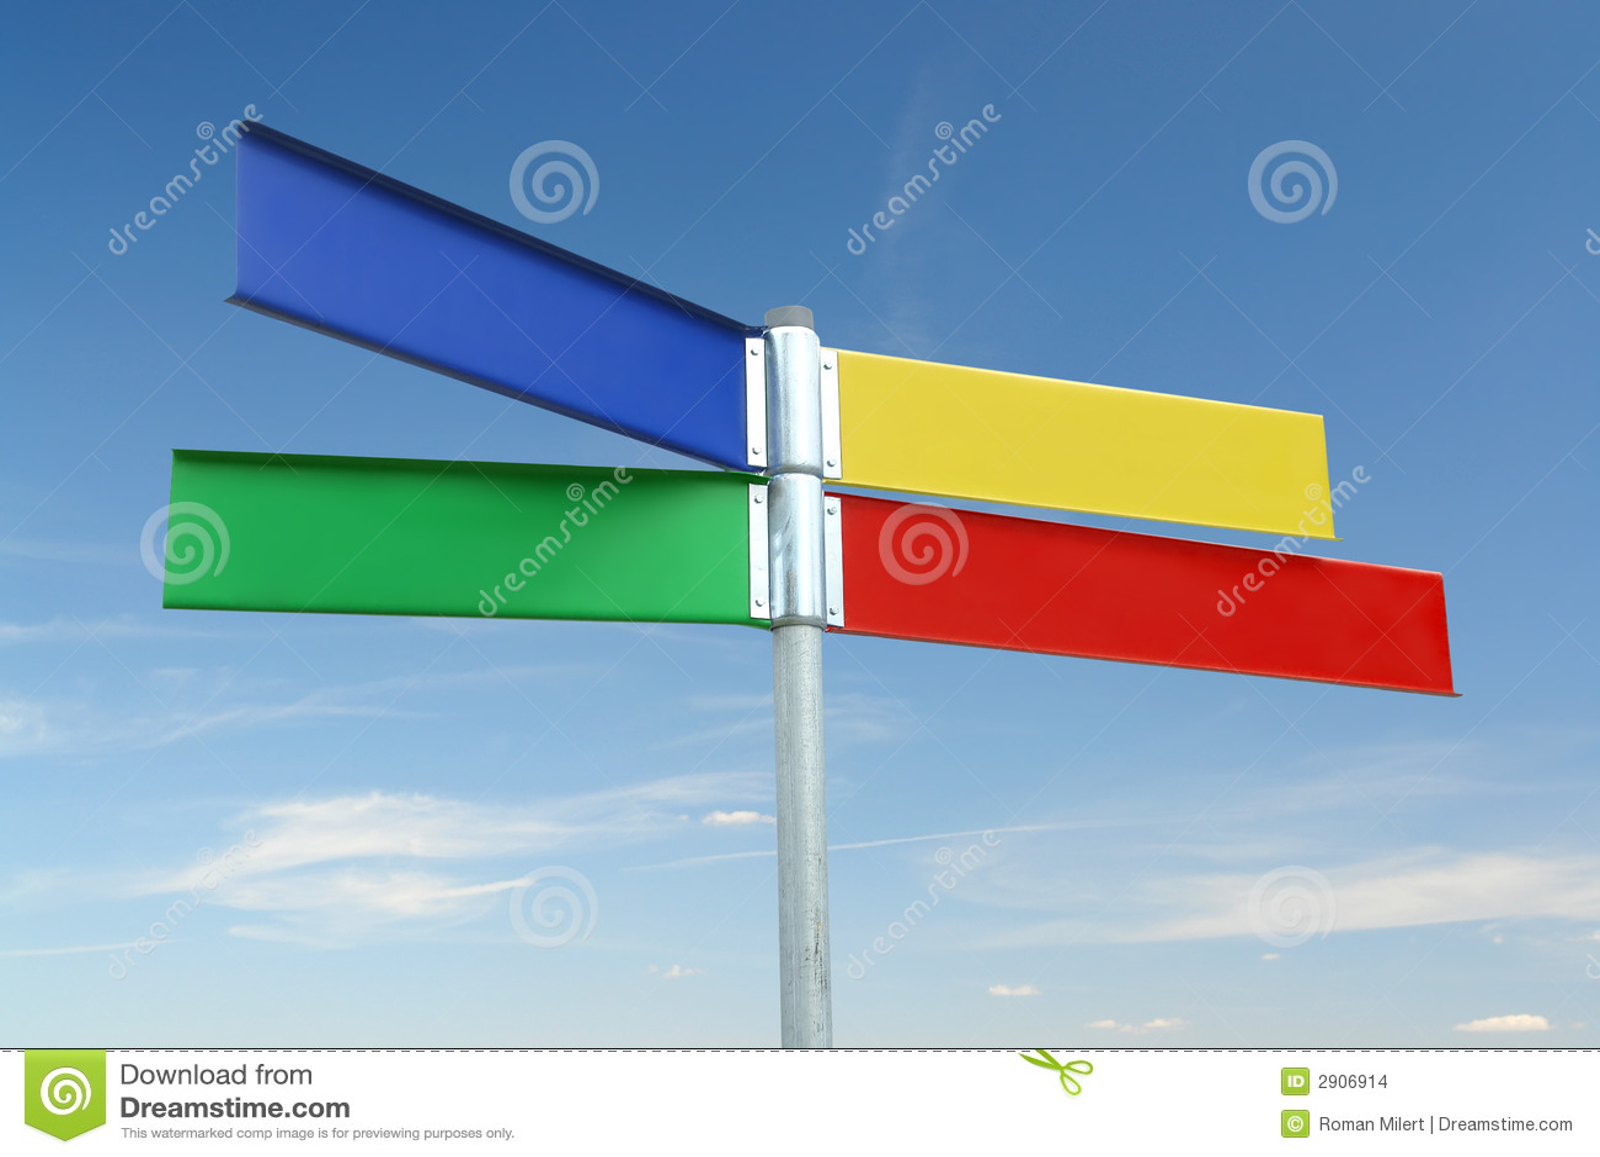 Poteau indicateur de couleur de Multway